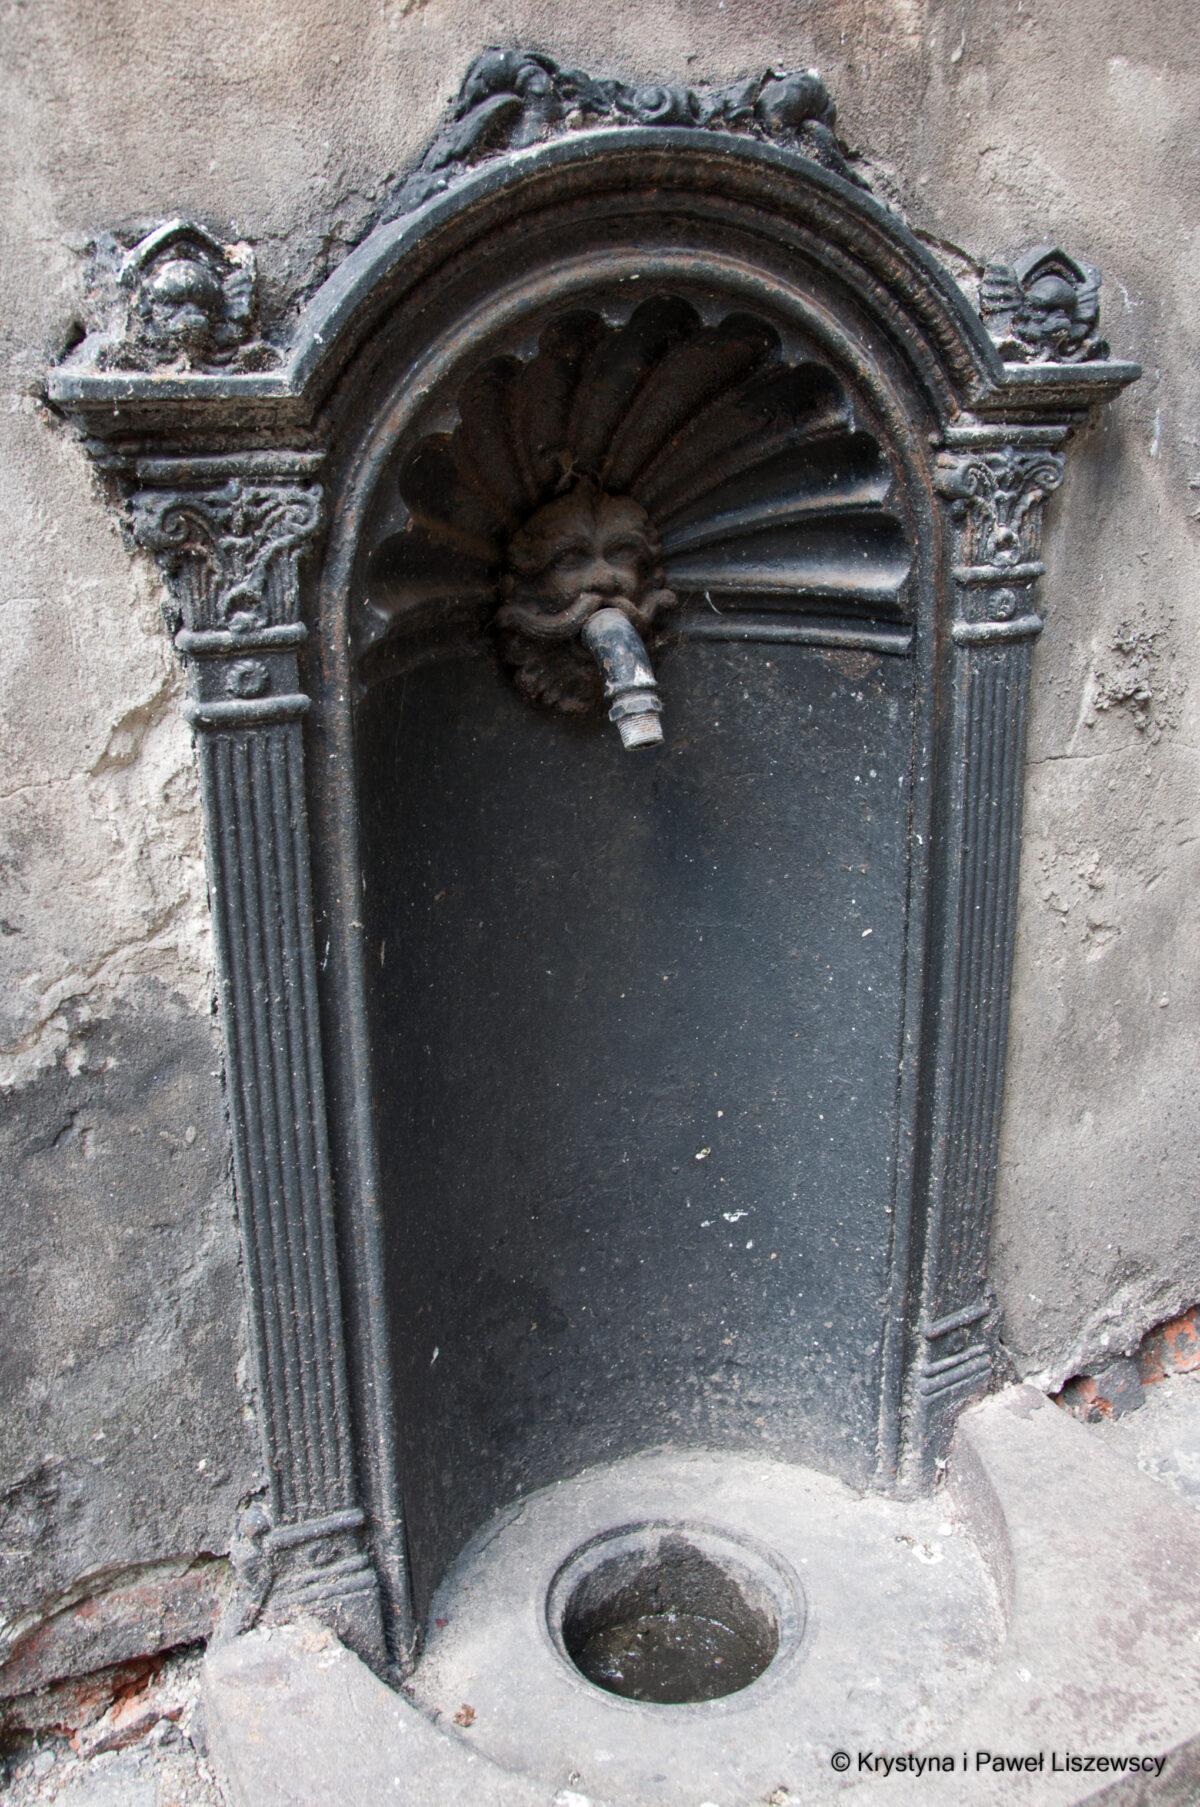 Kaliska pompa i wodniki – przewodnik po starym Kaliszu